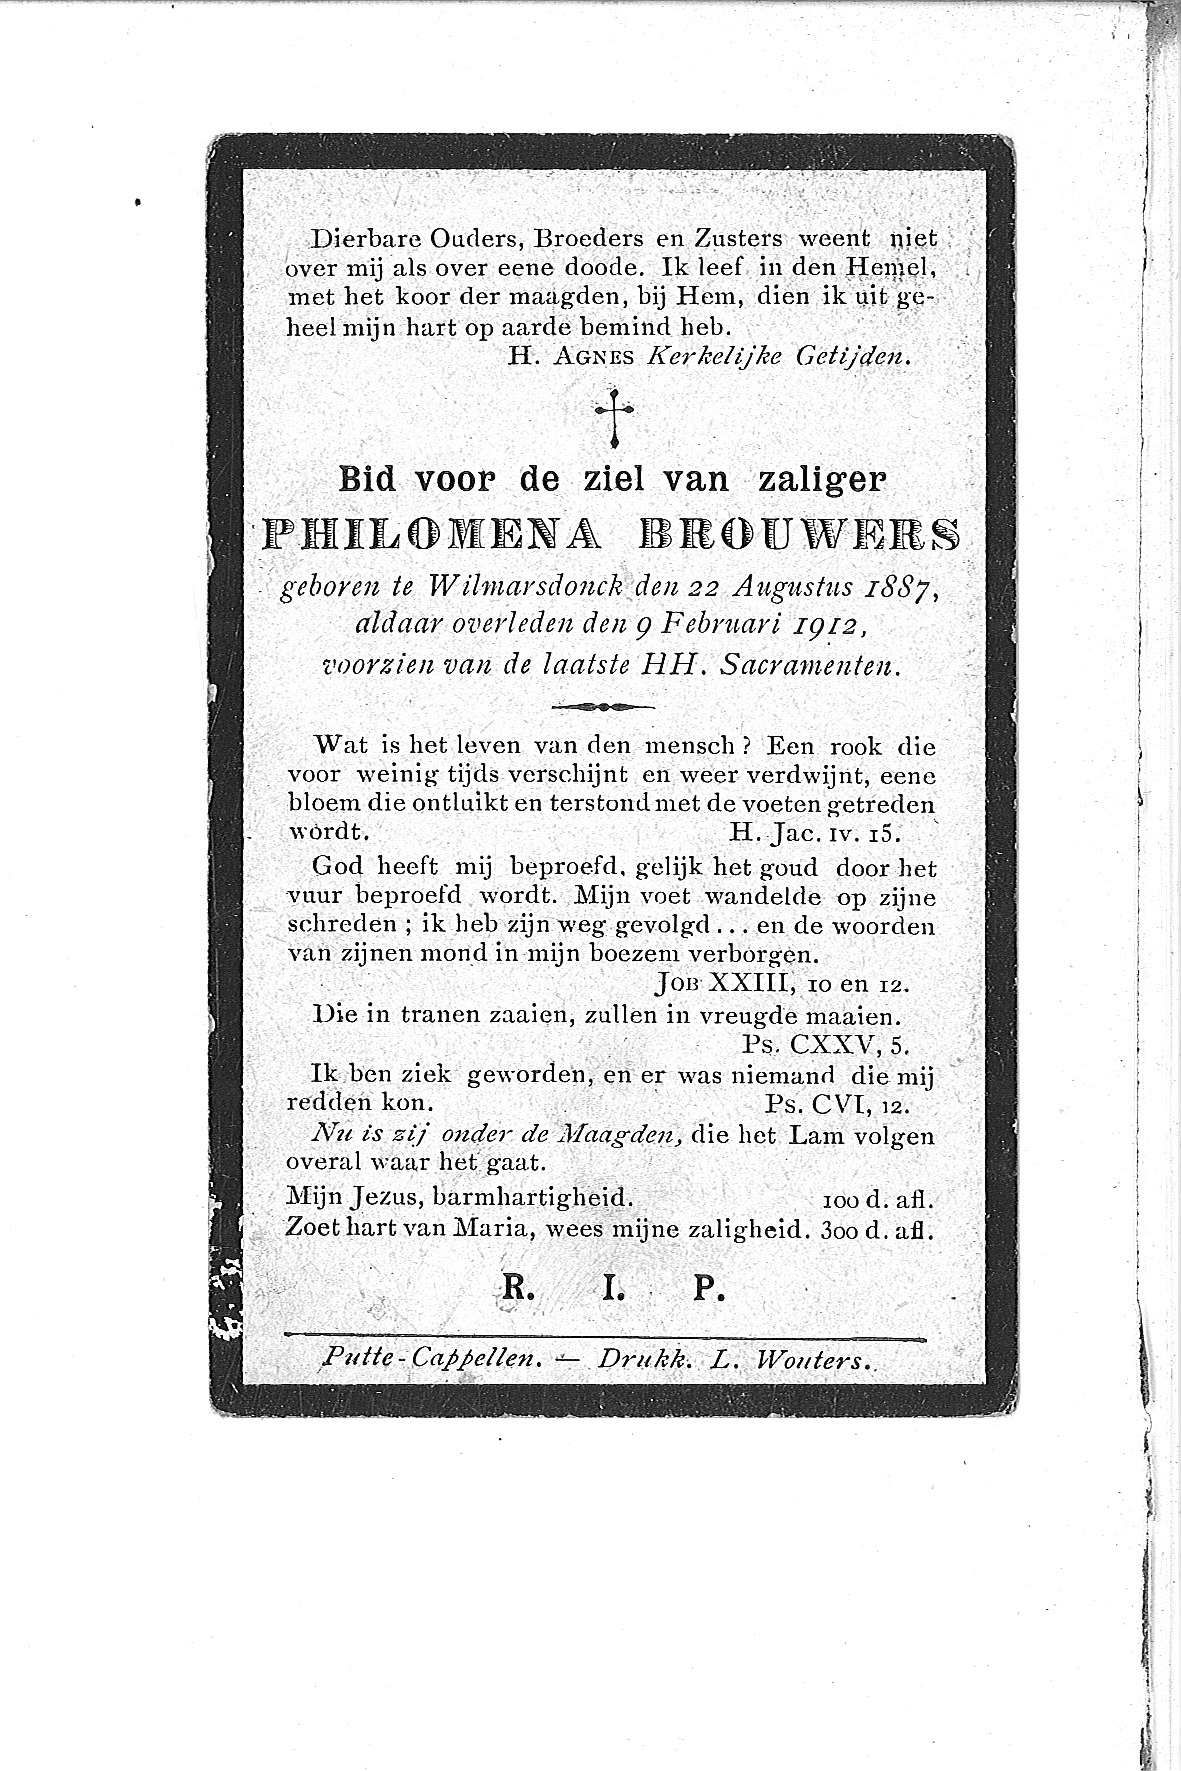 Philomena (1912) 20110805165022_00105.jpg